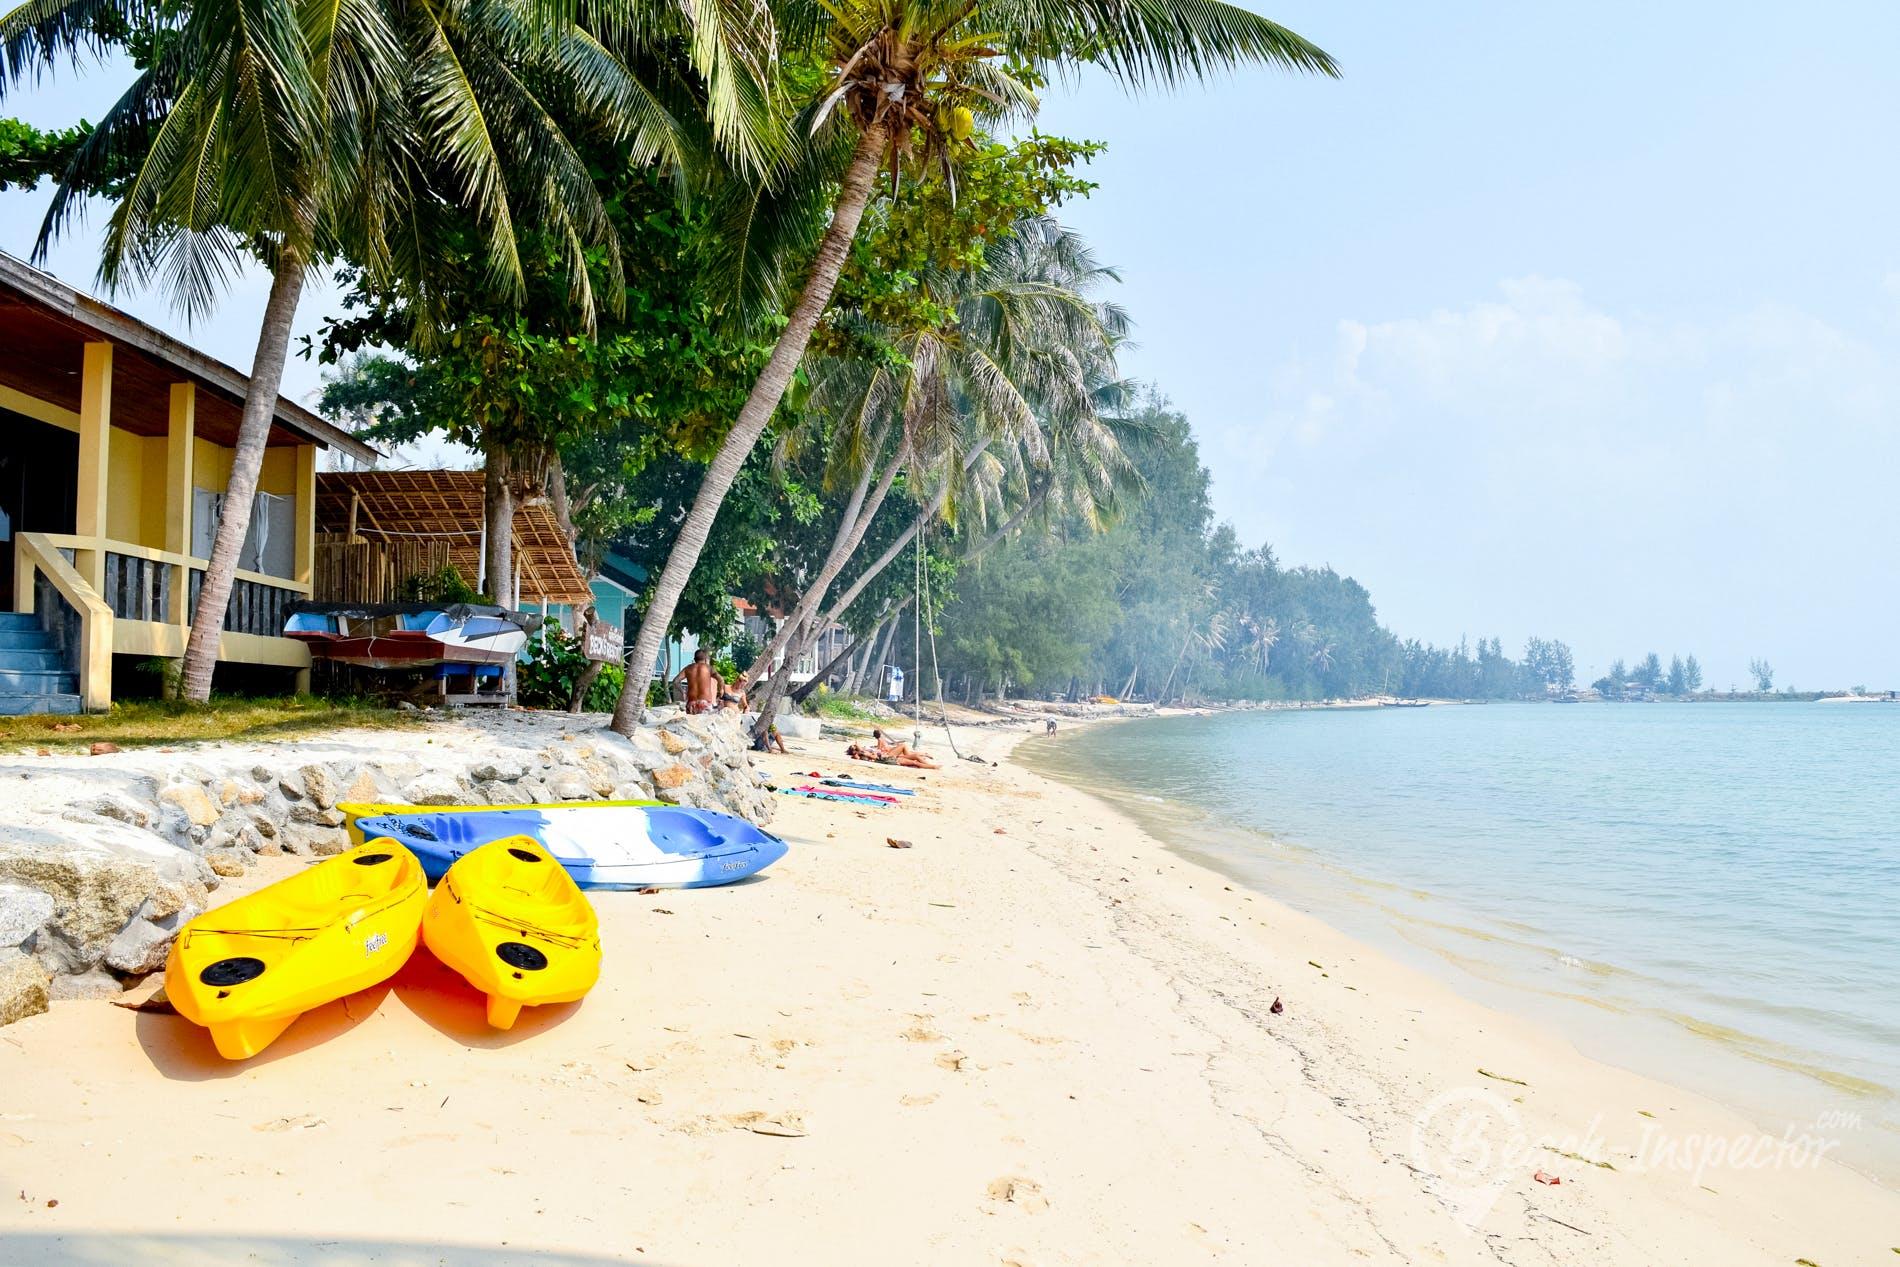 Strand Nai Wok Beach, Koh Phangan, Thailand